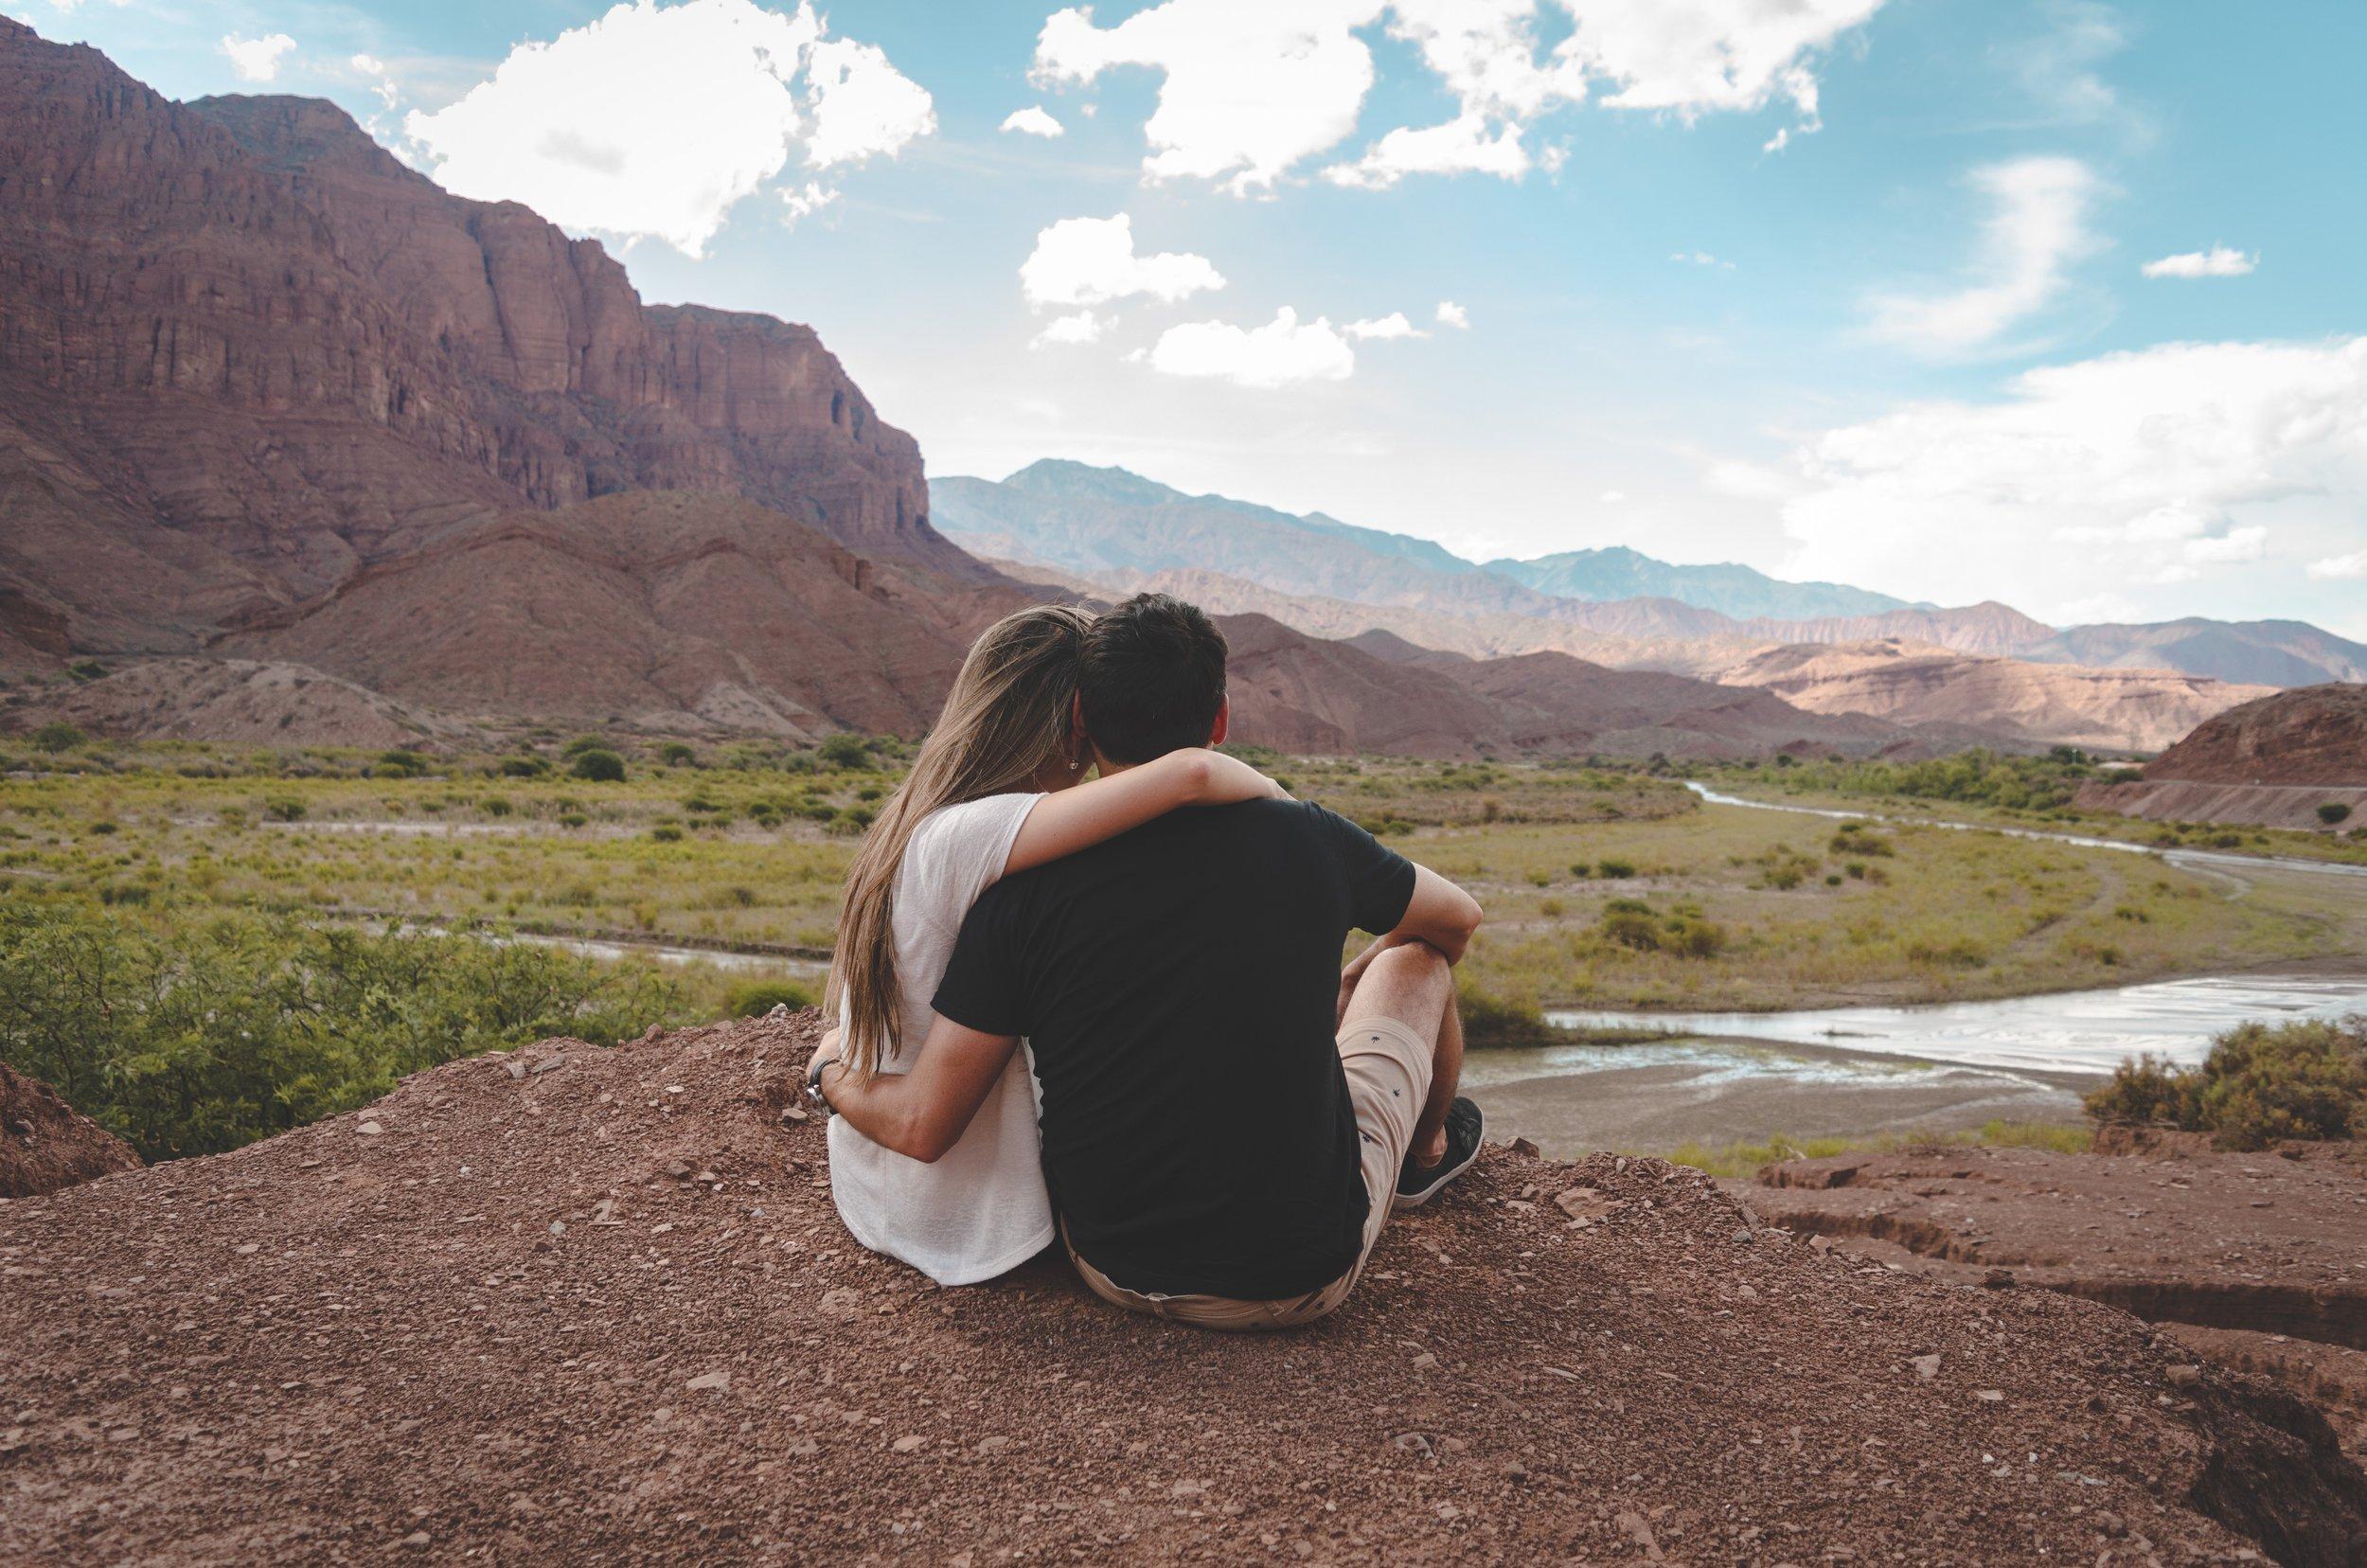 adventure-couple-hike-2682111.jpg